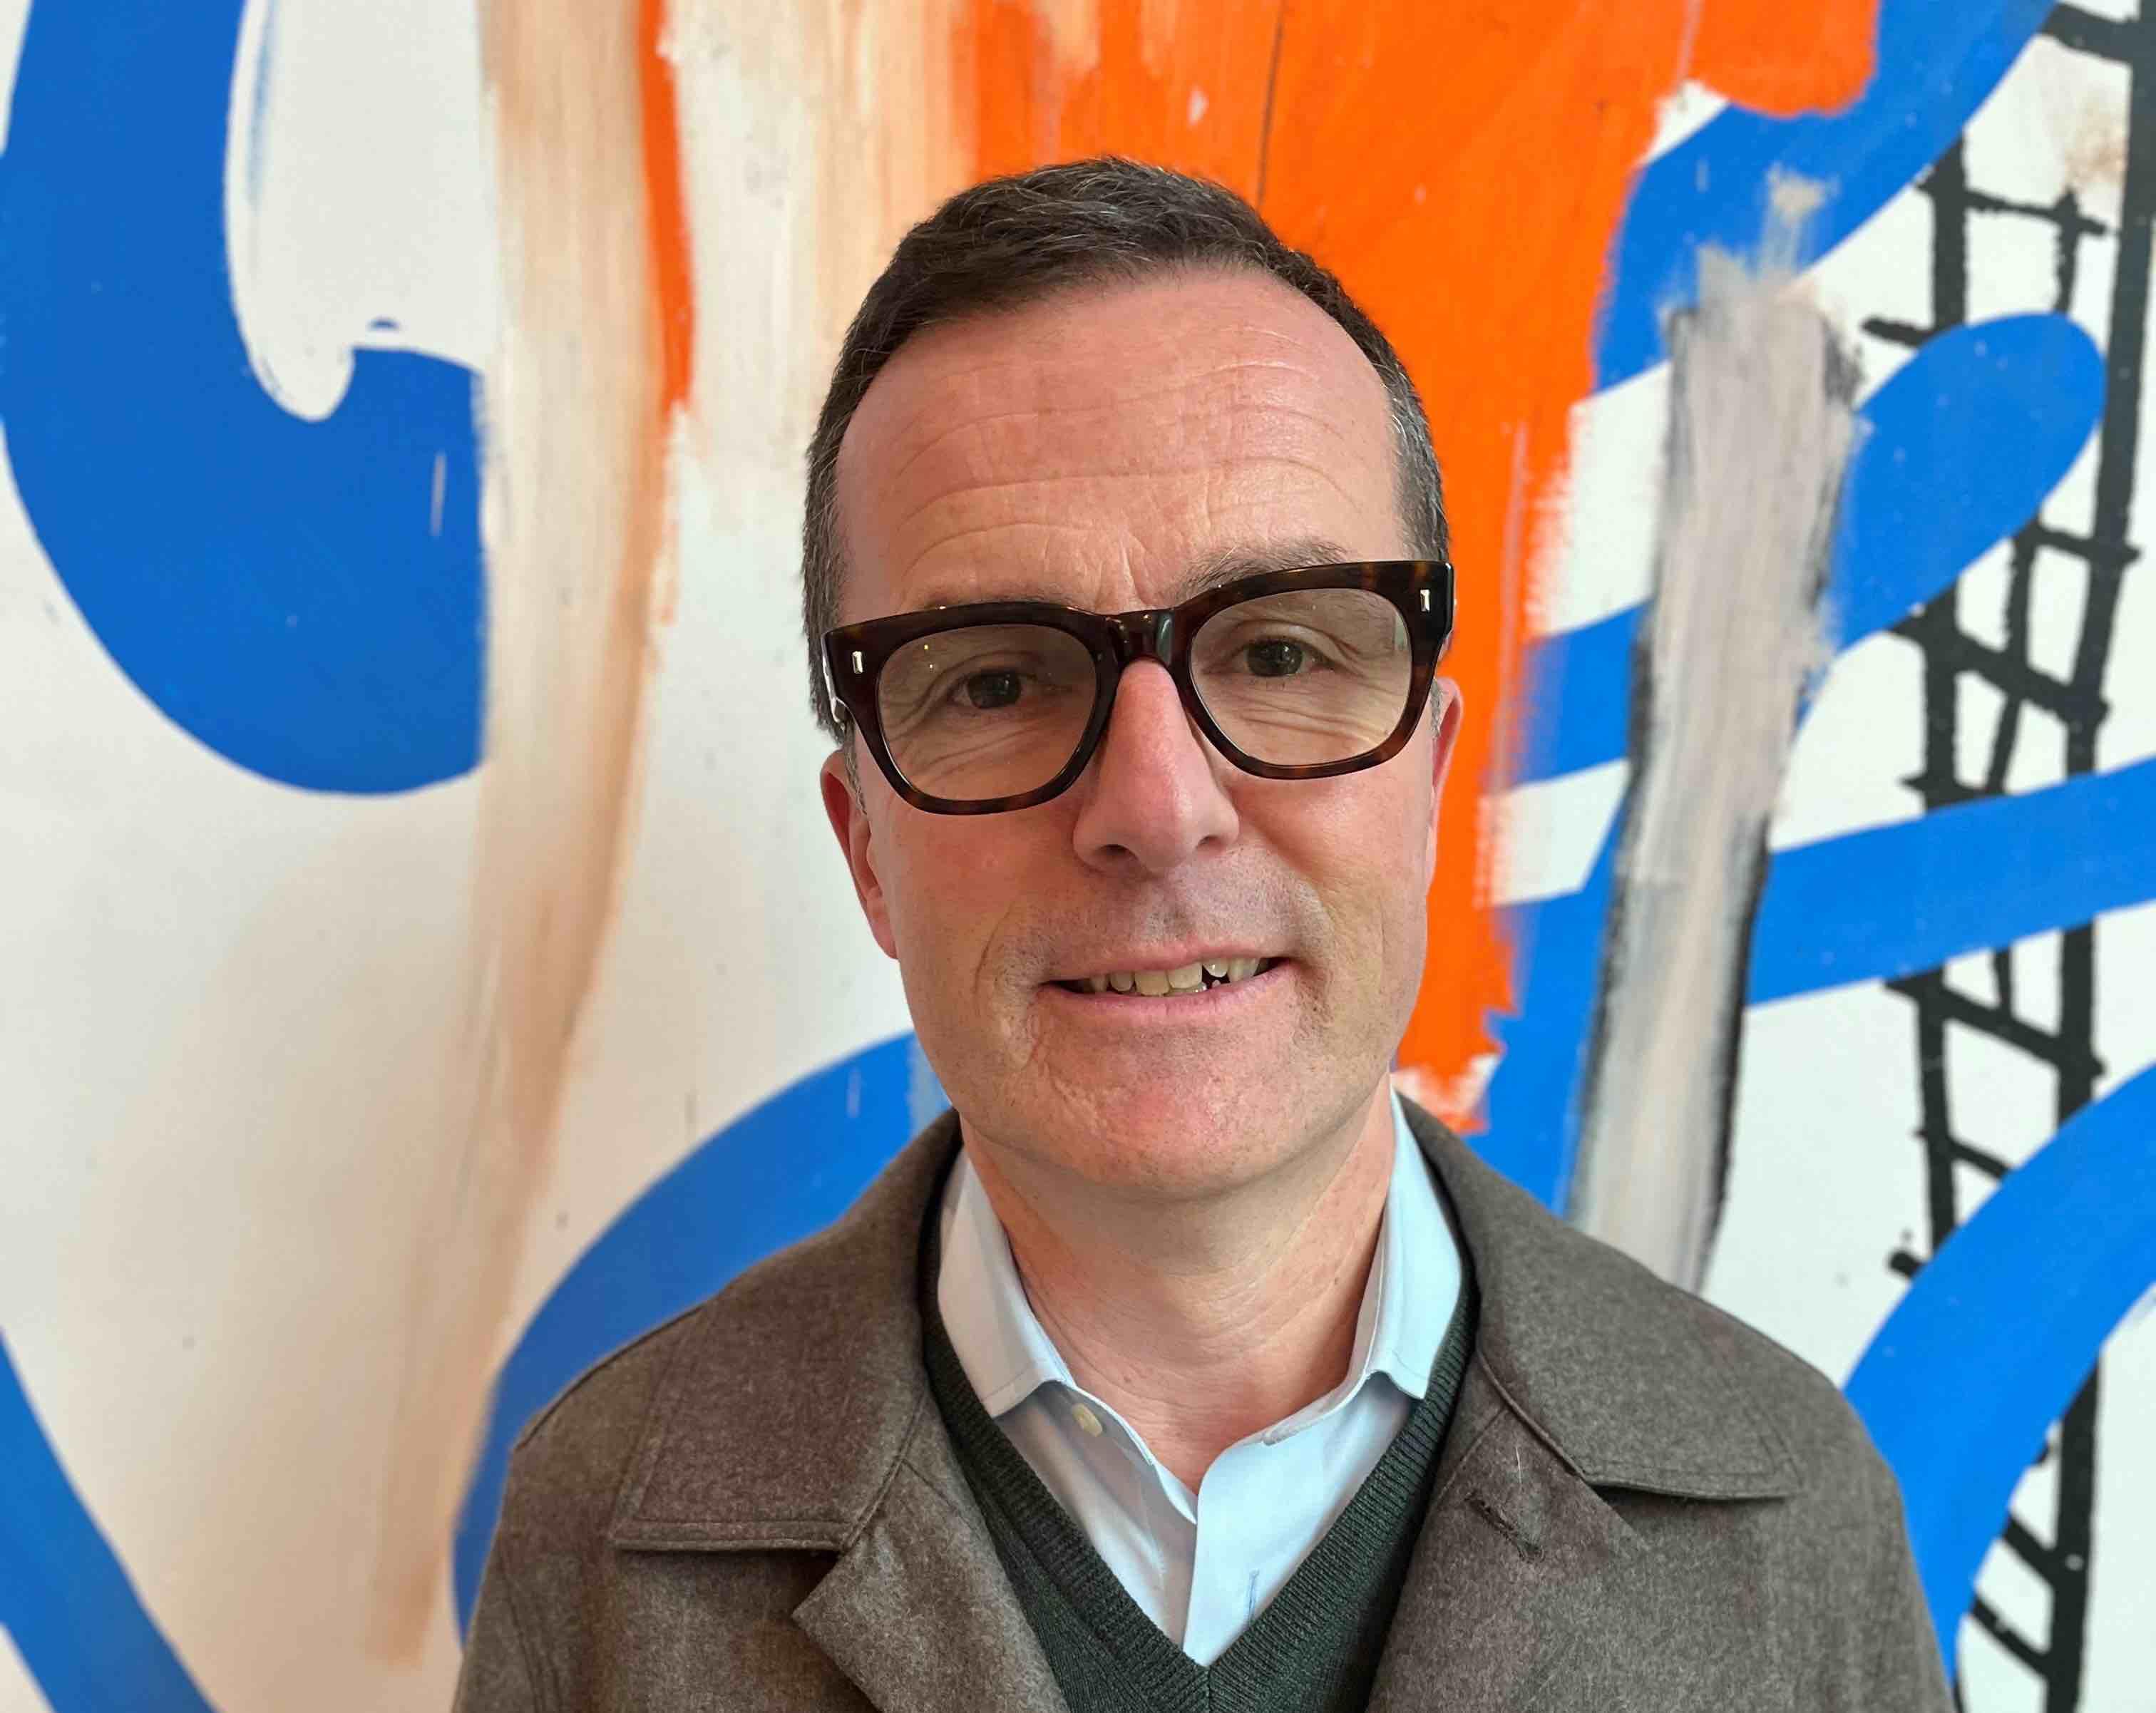 Anita Molinero